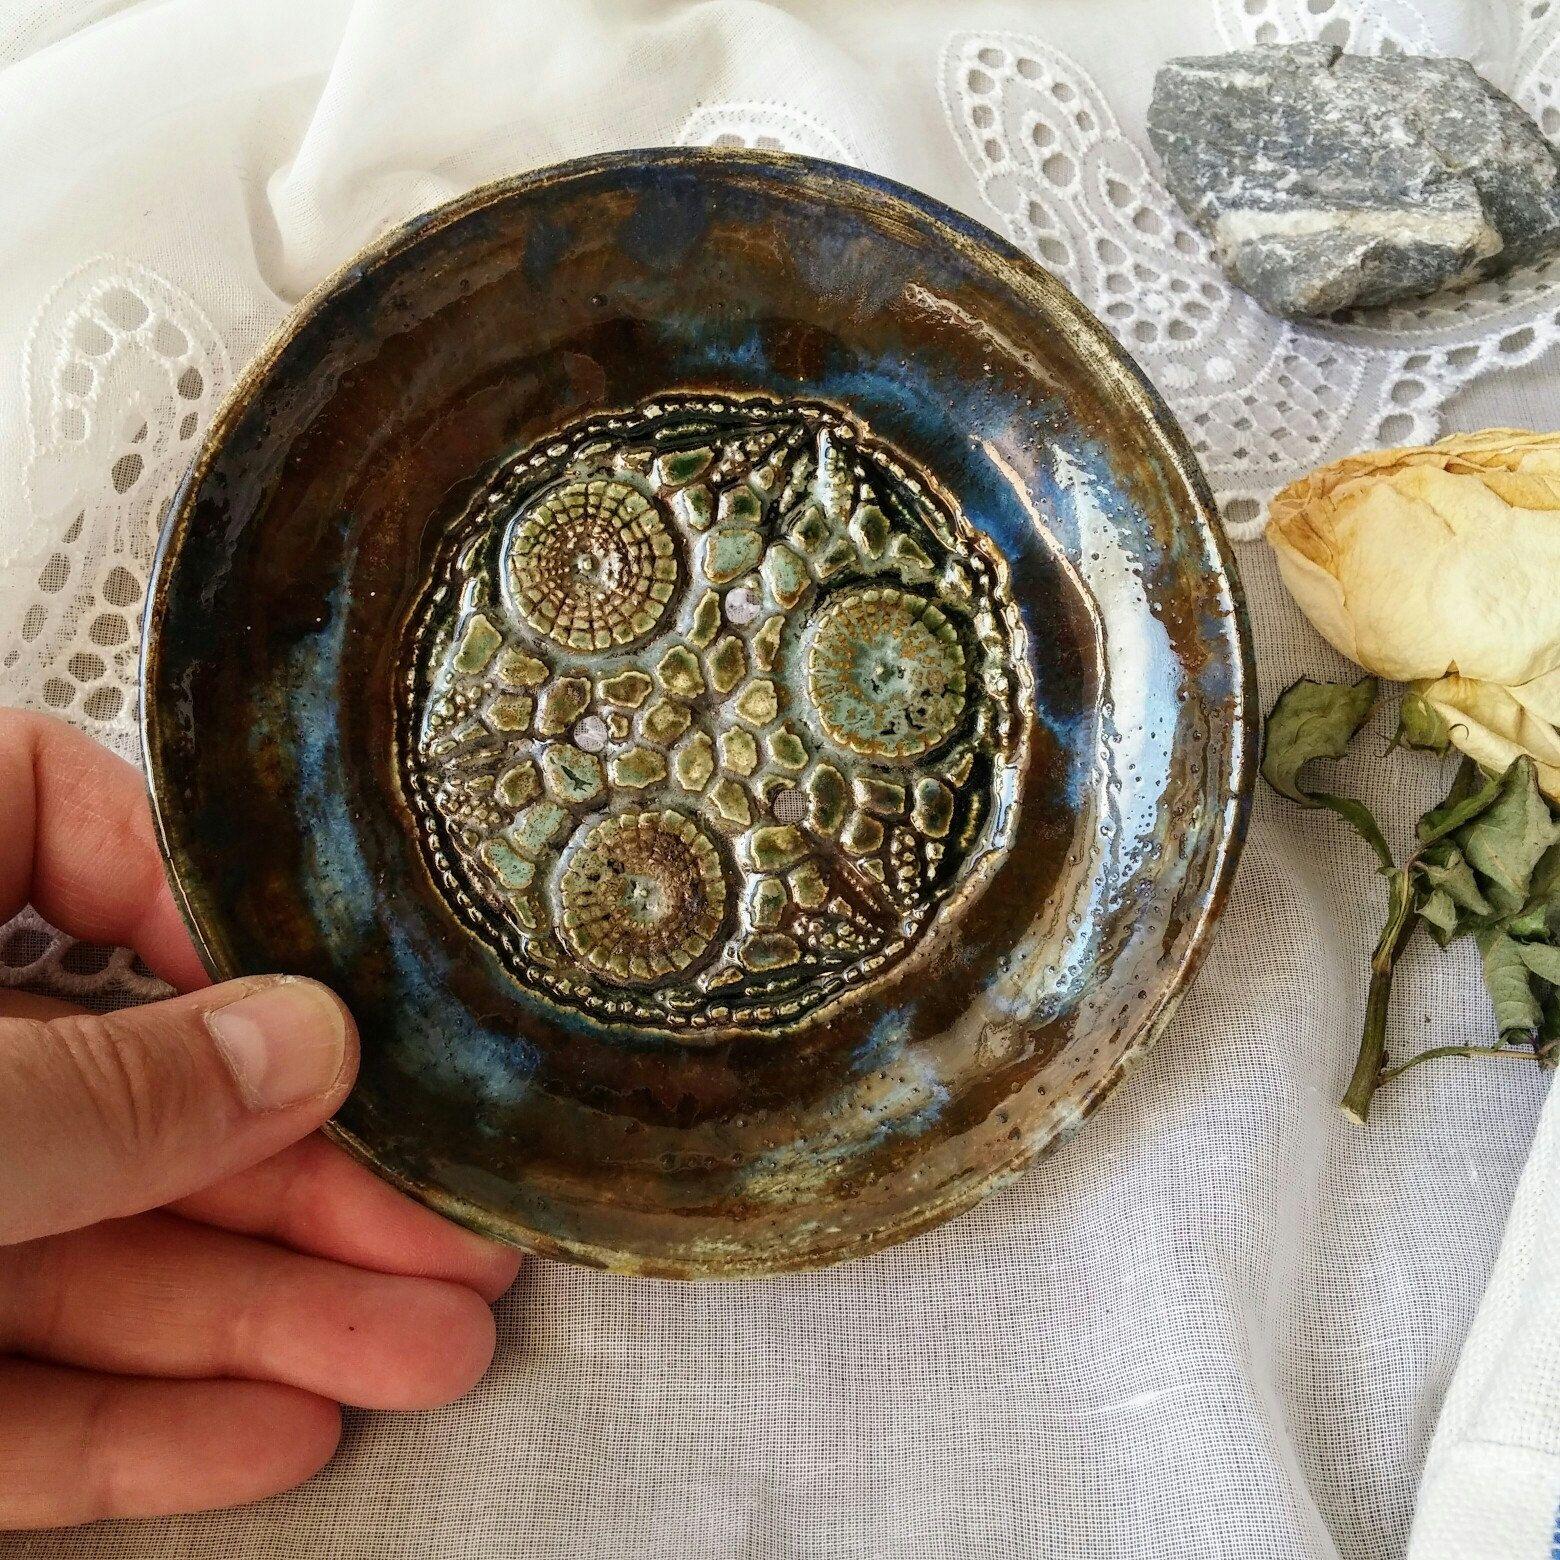 Badezimmer dekor rustikal runde seifen schale seifen aufbewahrung karamik seifenschale